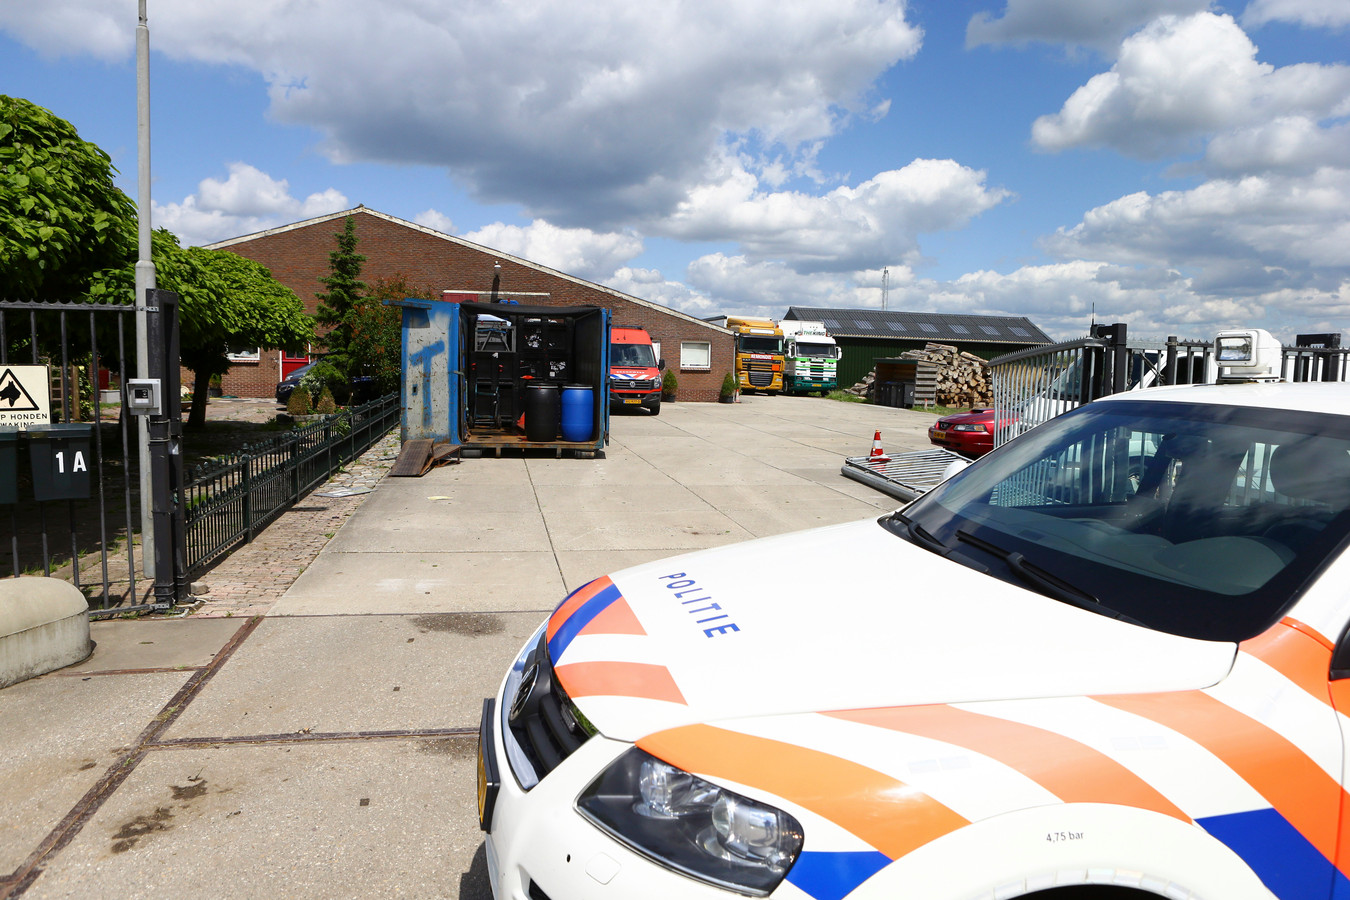 In juni 2020 ontdekt de politie het drugslab in Herwijnen.